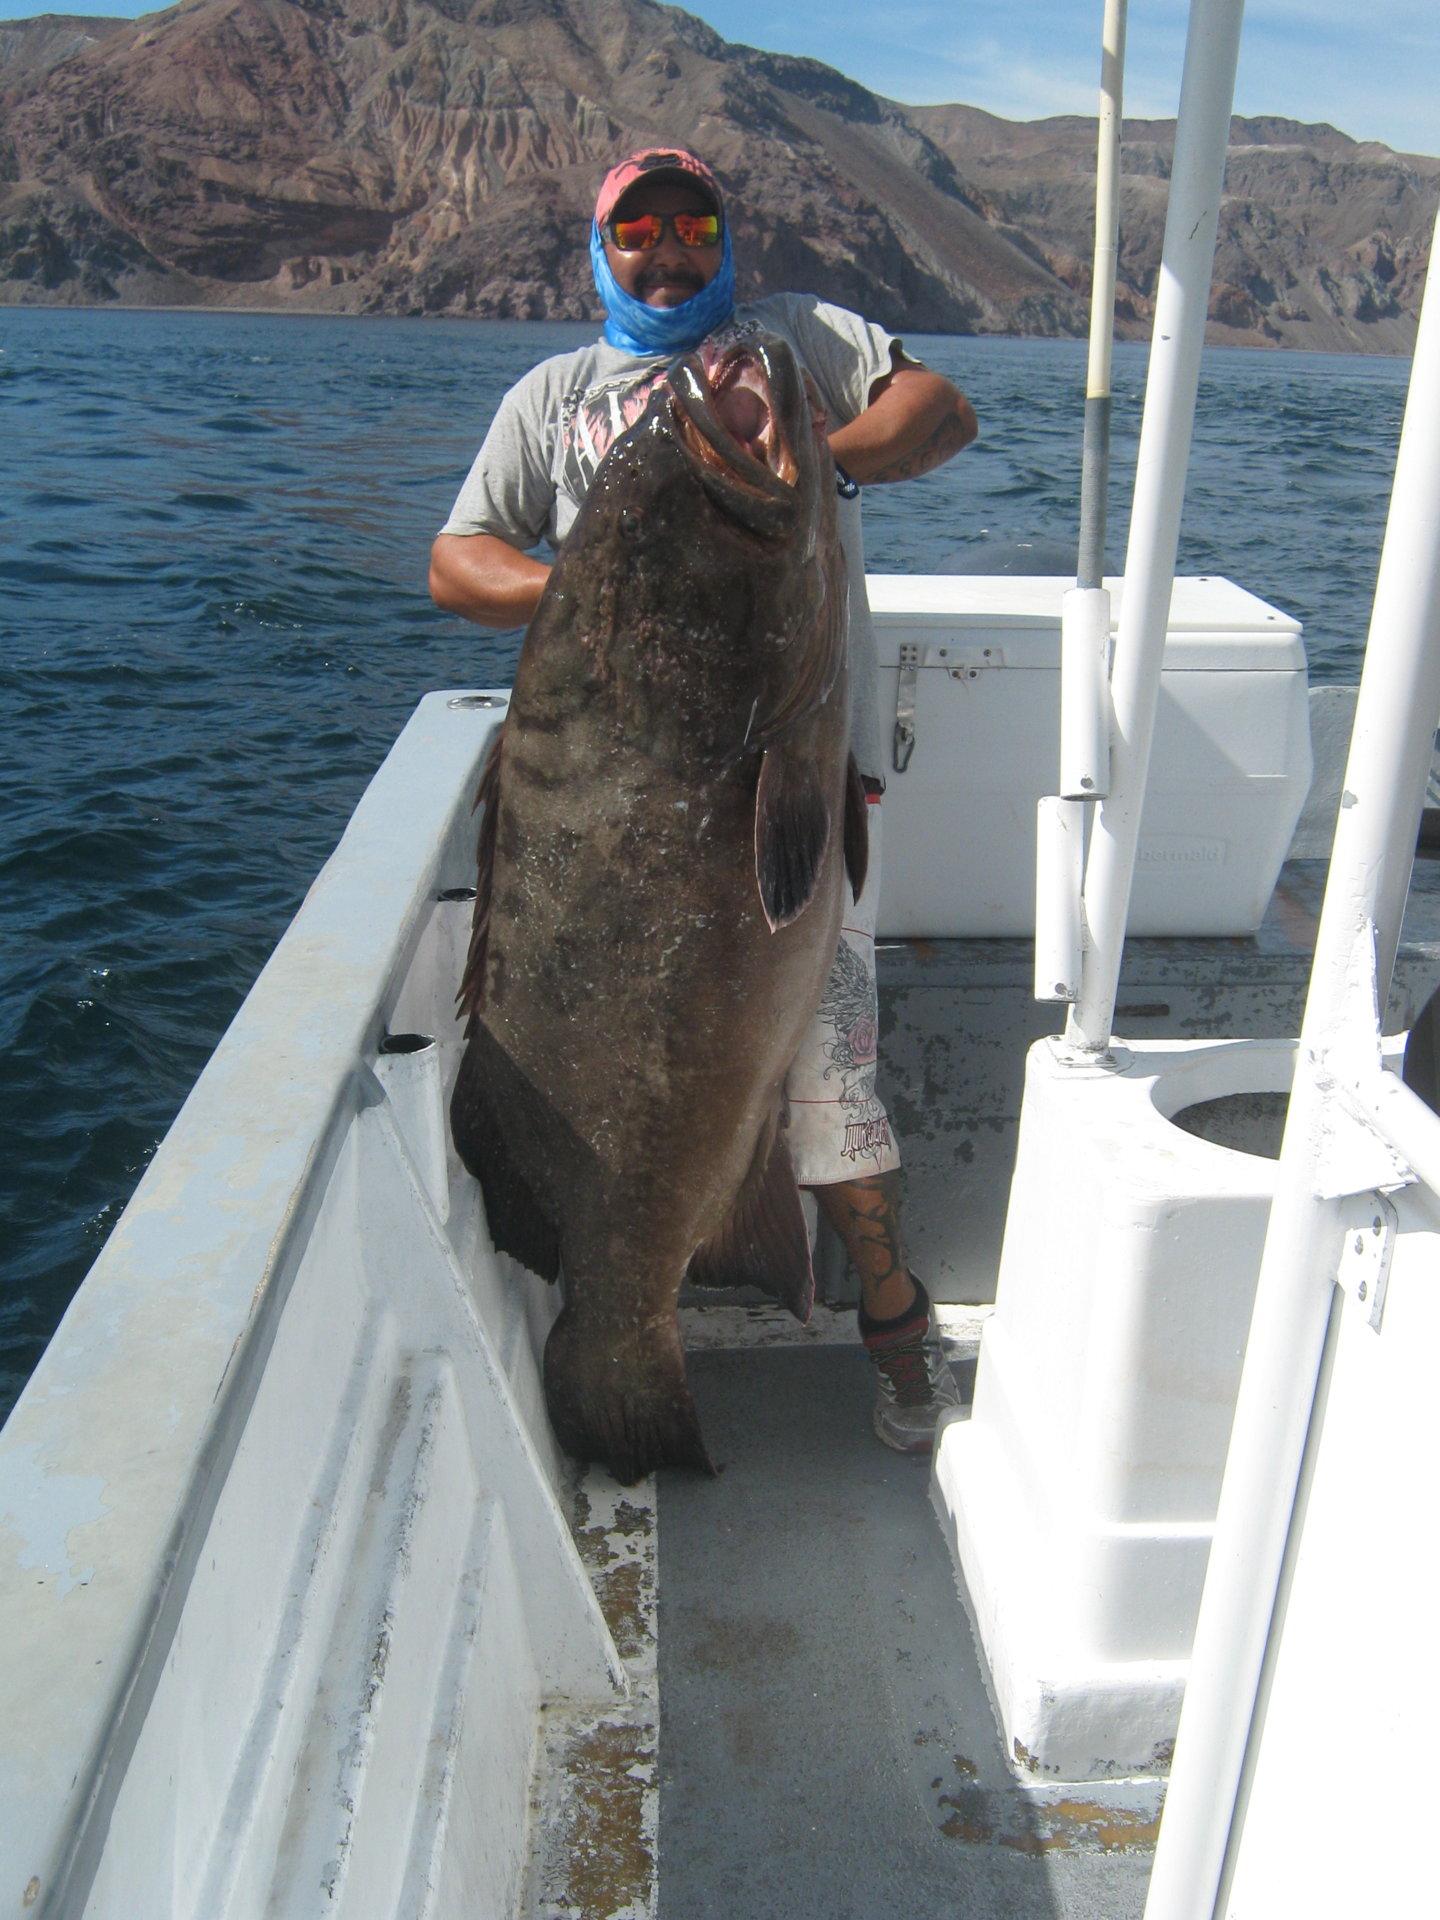 Bahia de los angeles b c daggett 39 s sport fishing 27 oct for Fishing in los angeles